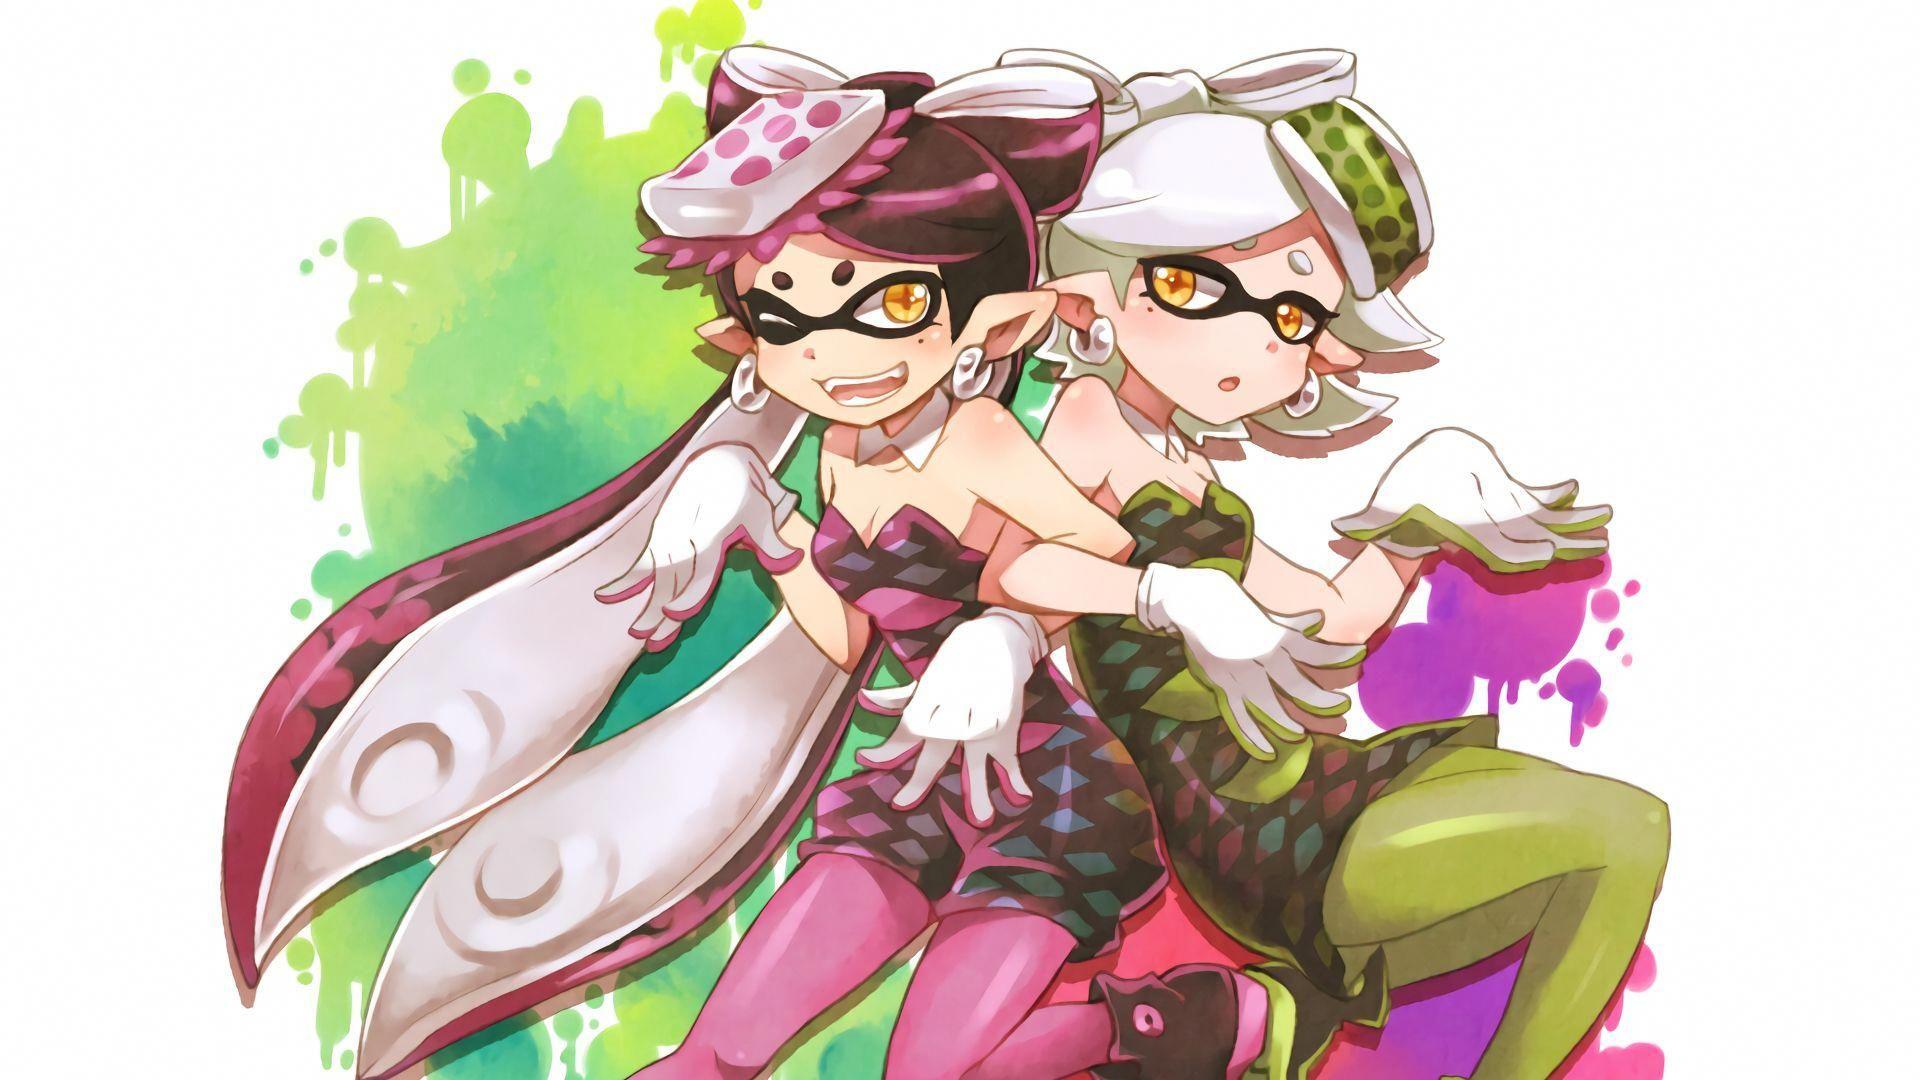 Nintendo Splatoon Squid Sisters Callie Marie Wallpaper Art